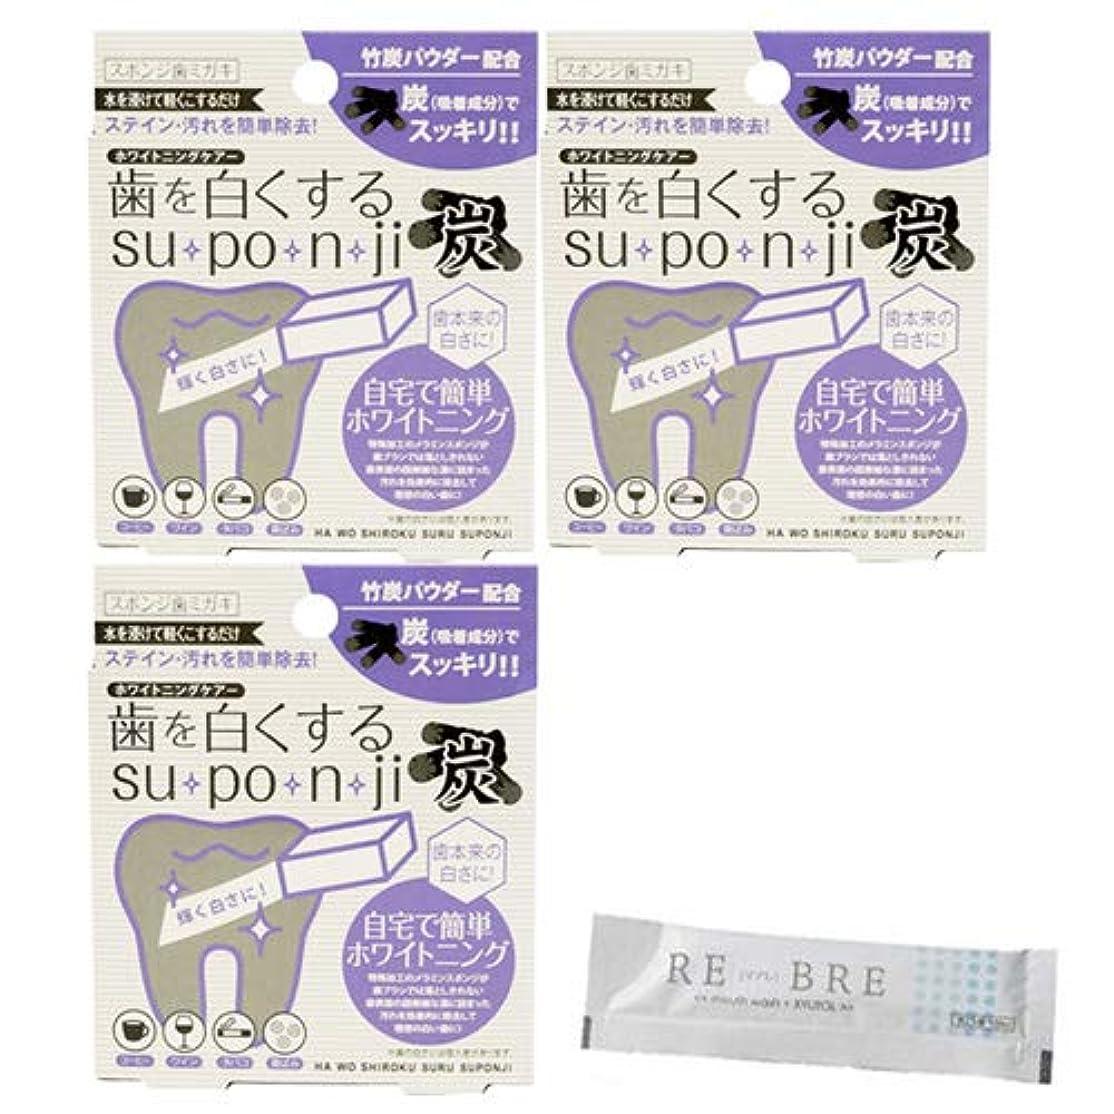 残忍な側それに応じて歯を白くする su・po・n・ji 炭 スポンジ 歯みがき ×3個 + リブレ(10ml)セット